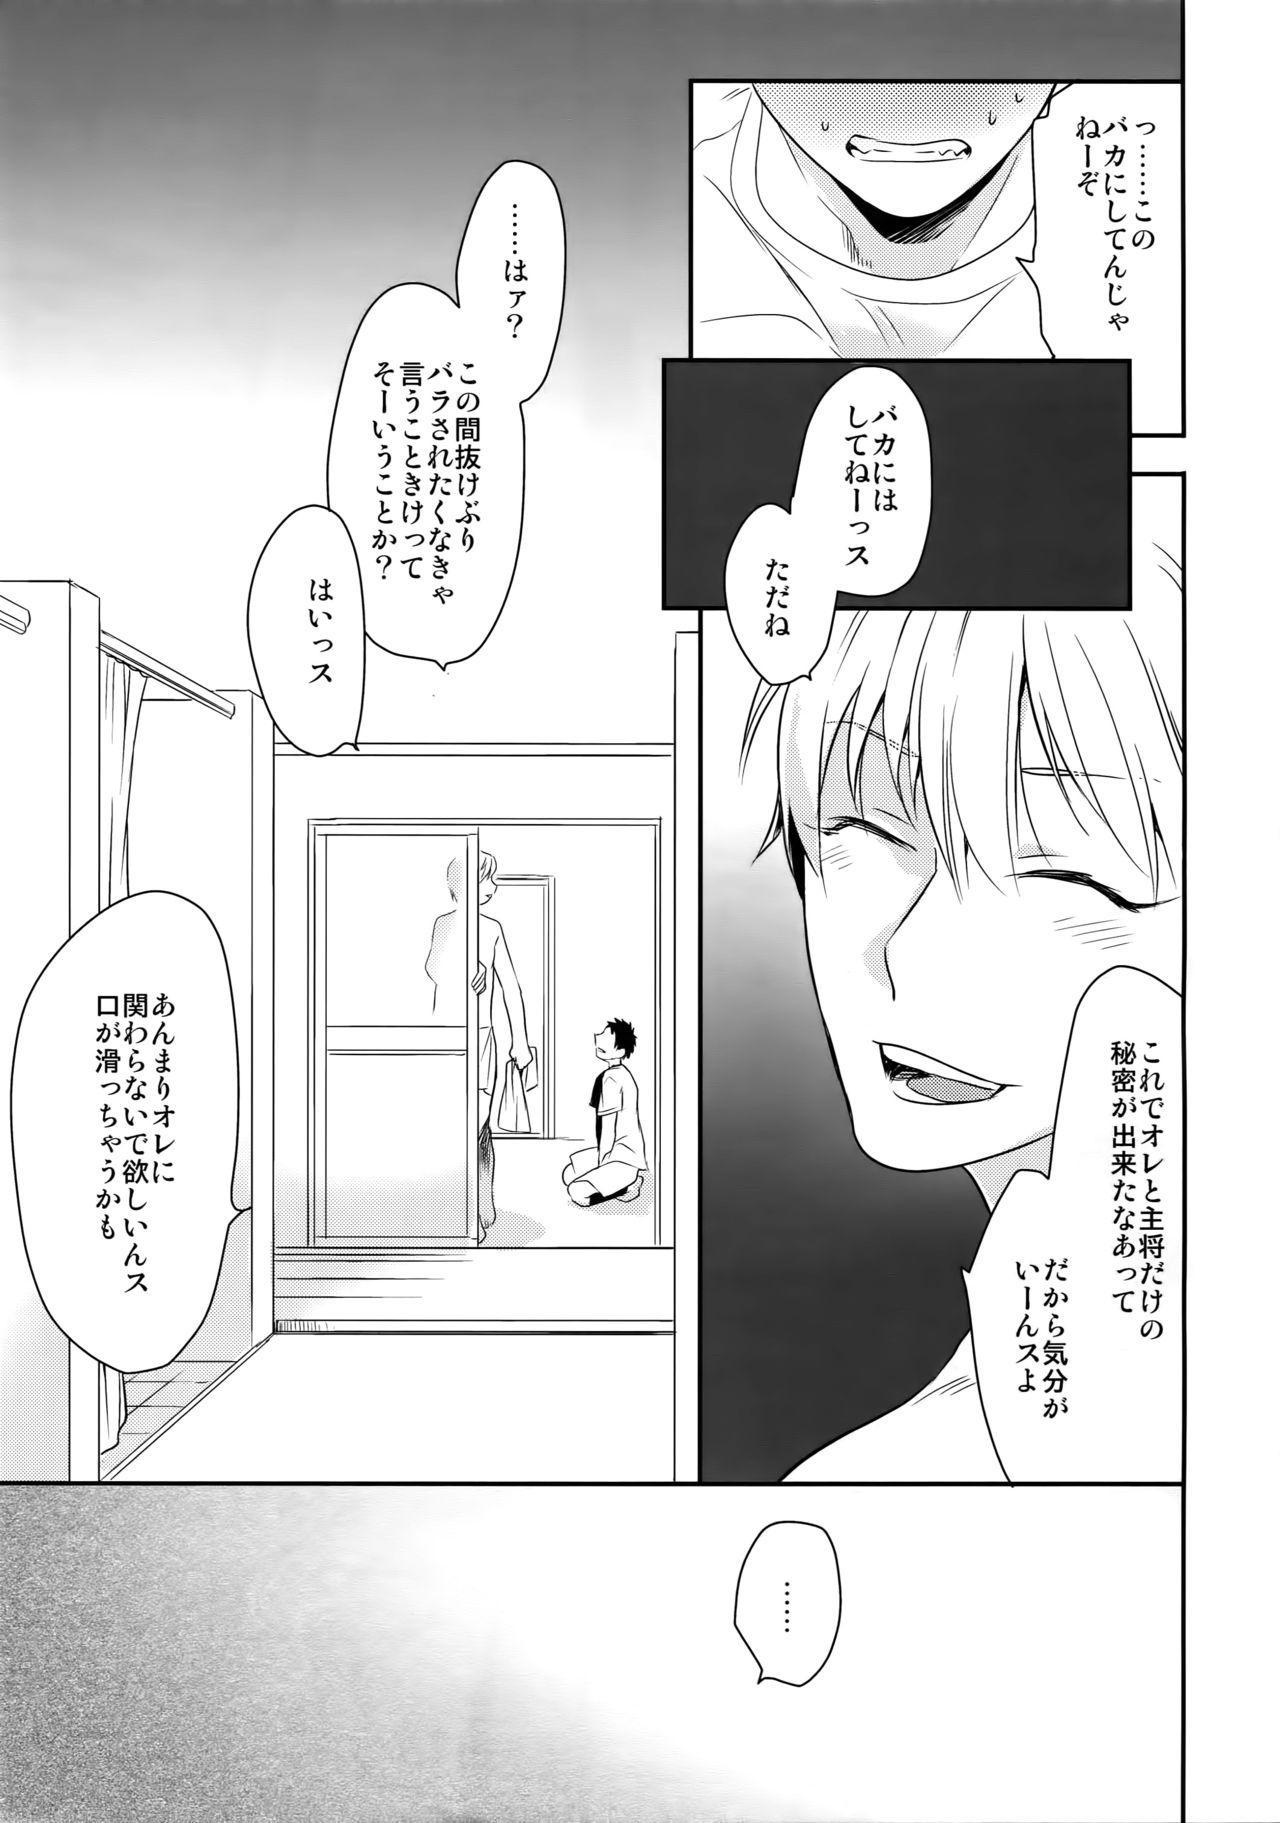 [Bakuchi Jinsei SP (Satsuki Fumi)] Kanpeki Kareshi to Zettai Ryouiki Ouji-sama - Another Version - (Kuroko no Basket) 21